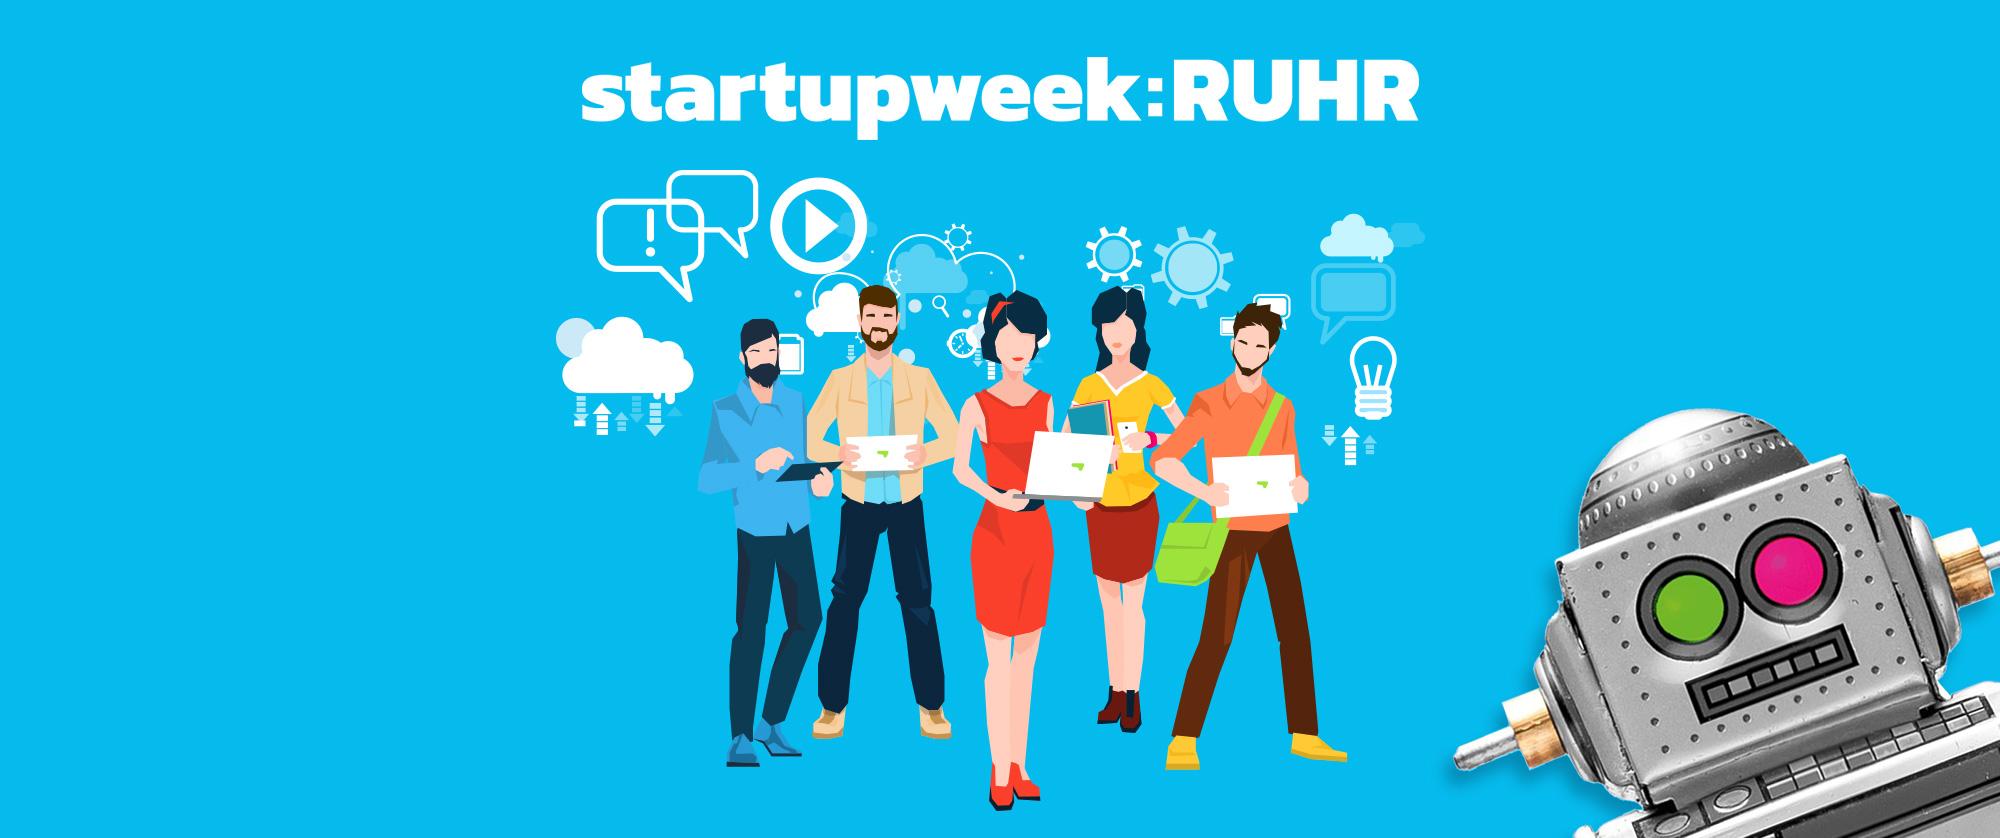 Camp Essen - Startupweek 2018 Women only - Netzwerken